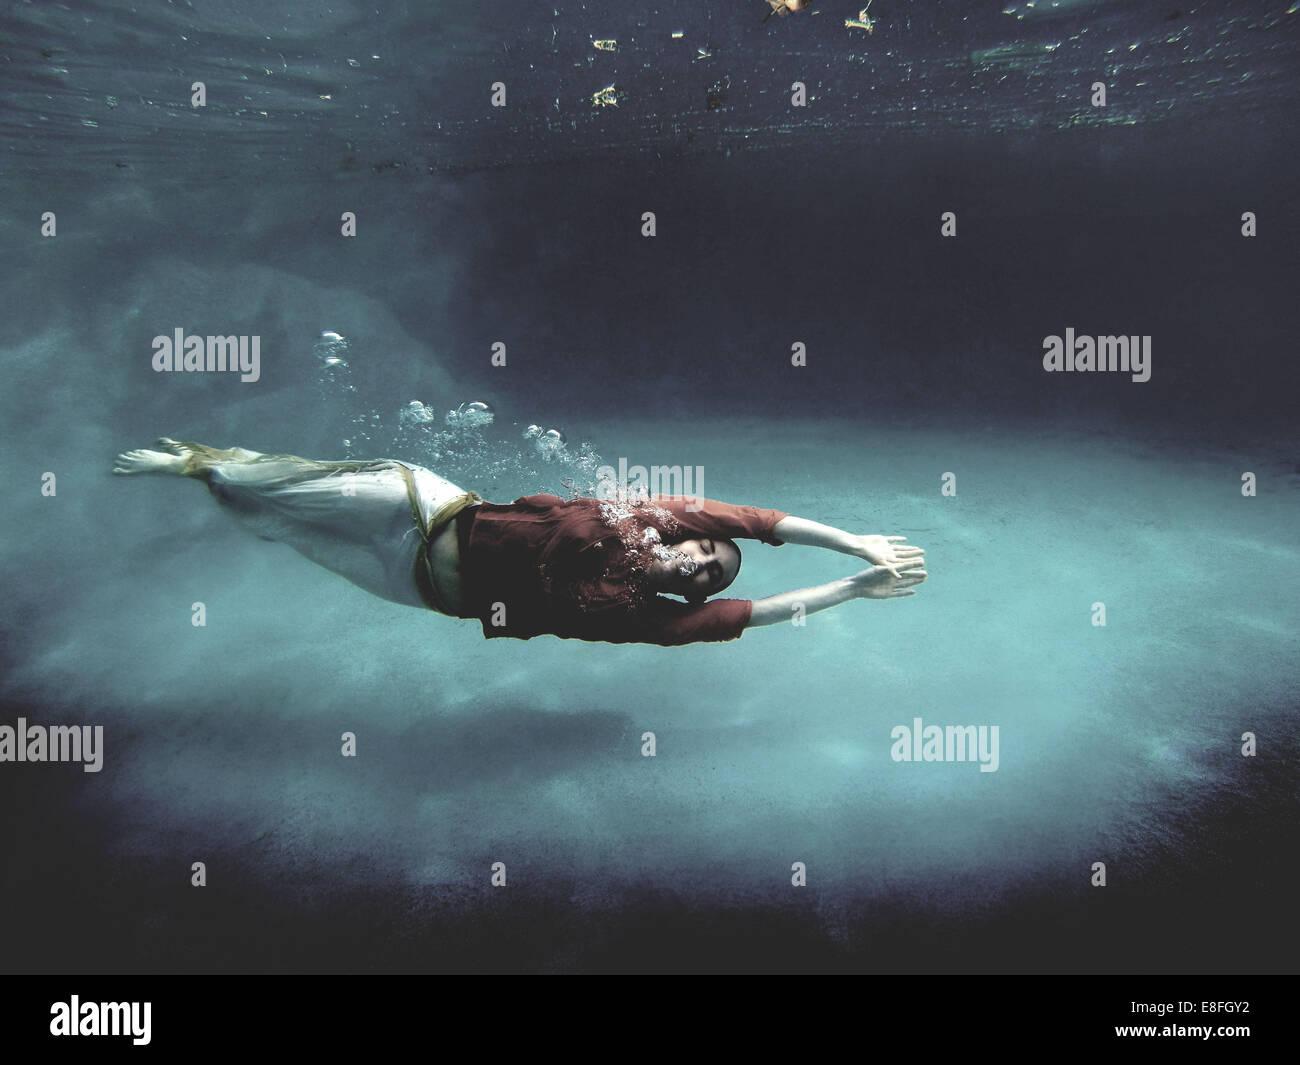 Donna nuoto completamente vestito underwater Immagini Stock